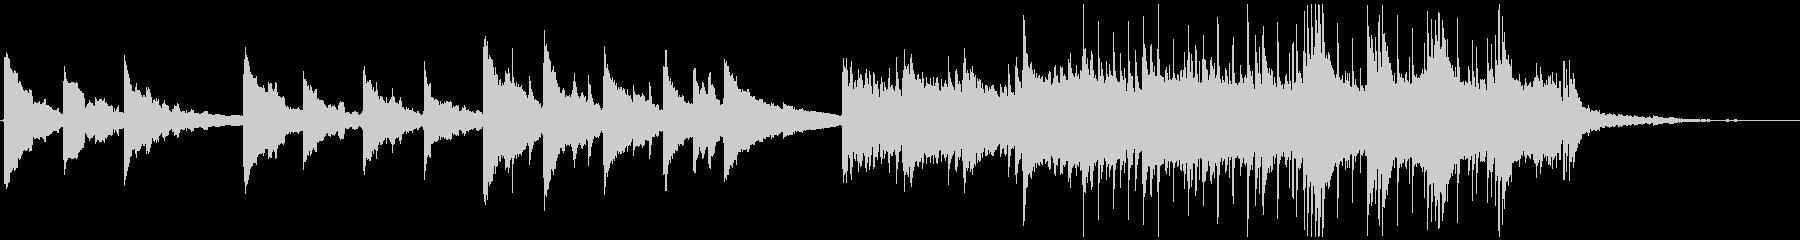 空気感のある感動的なポストロック CMの未再生の波形